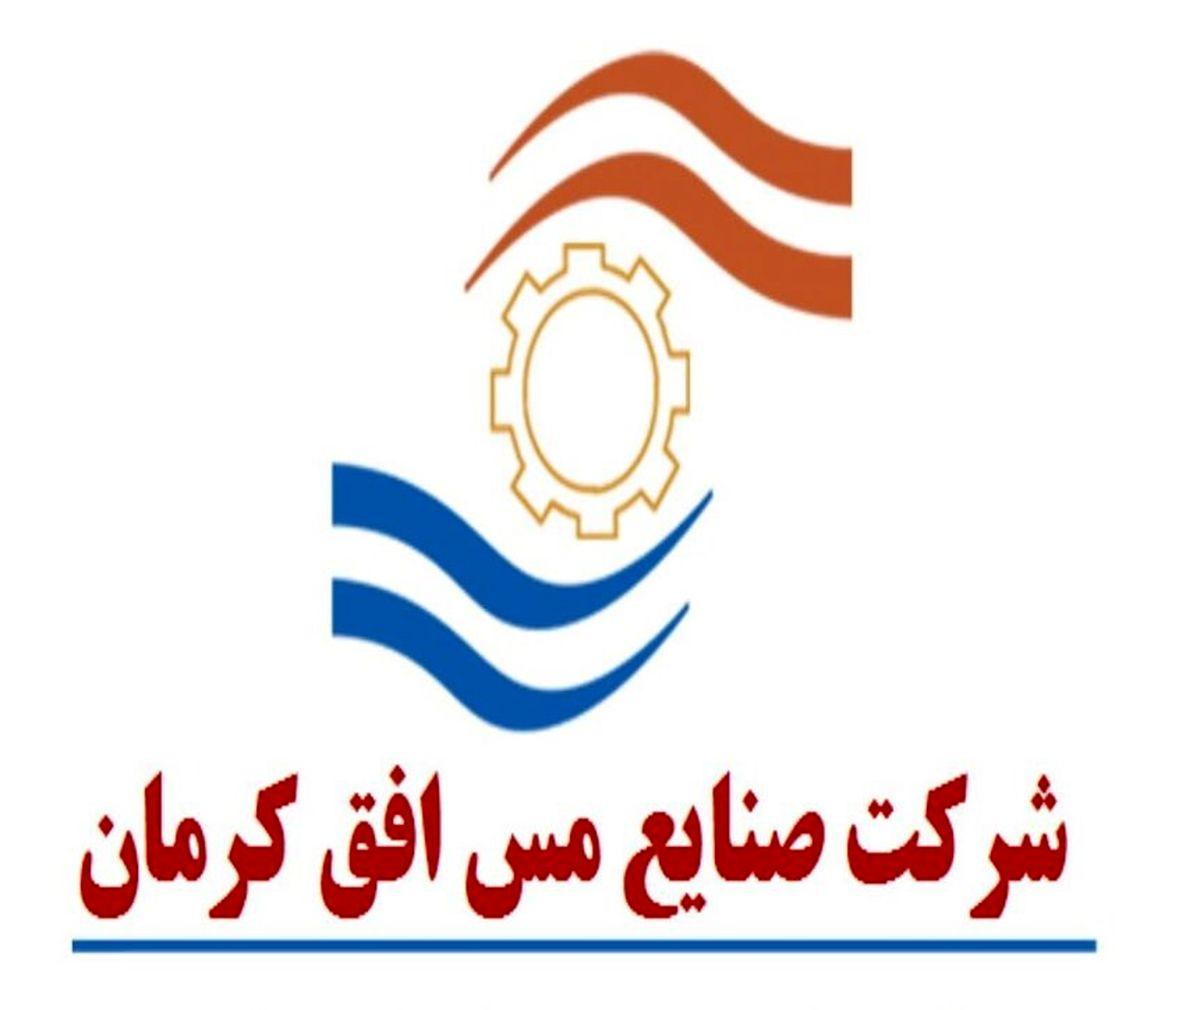 صنایع مس افق کرمان به عنوان ناشر اوراق بهادار درج شد